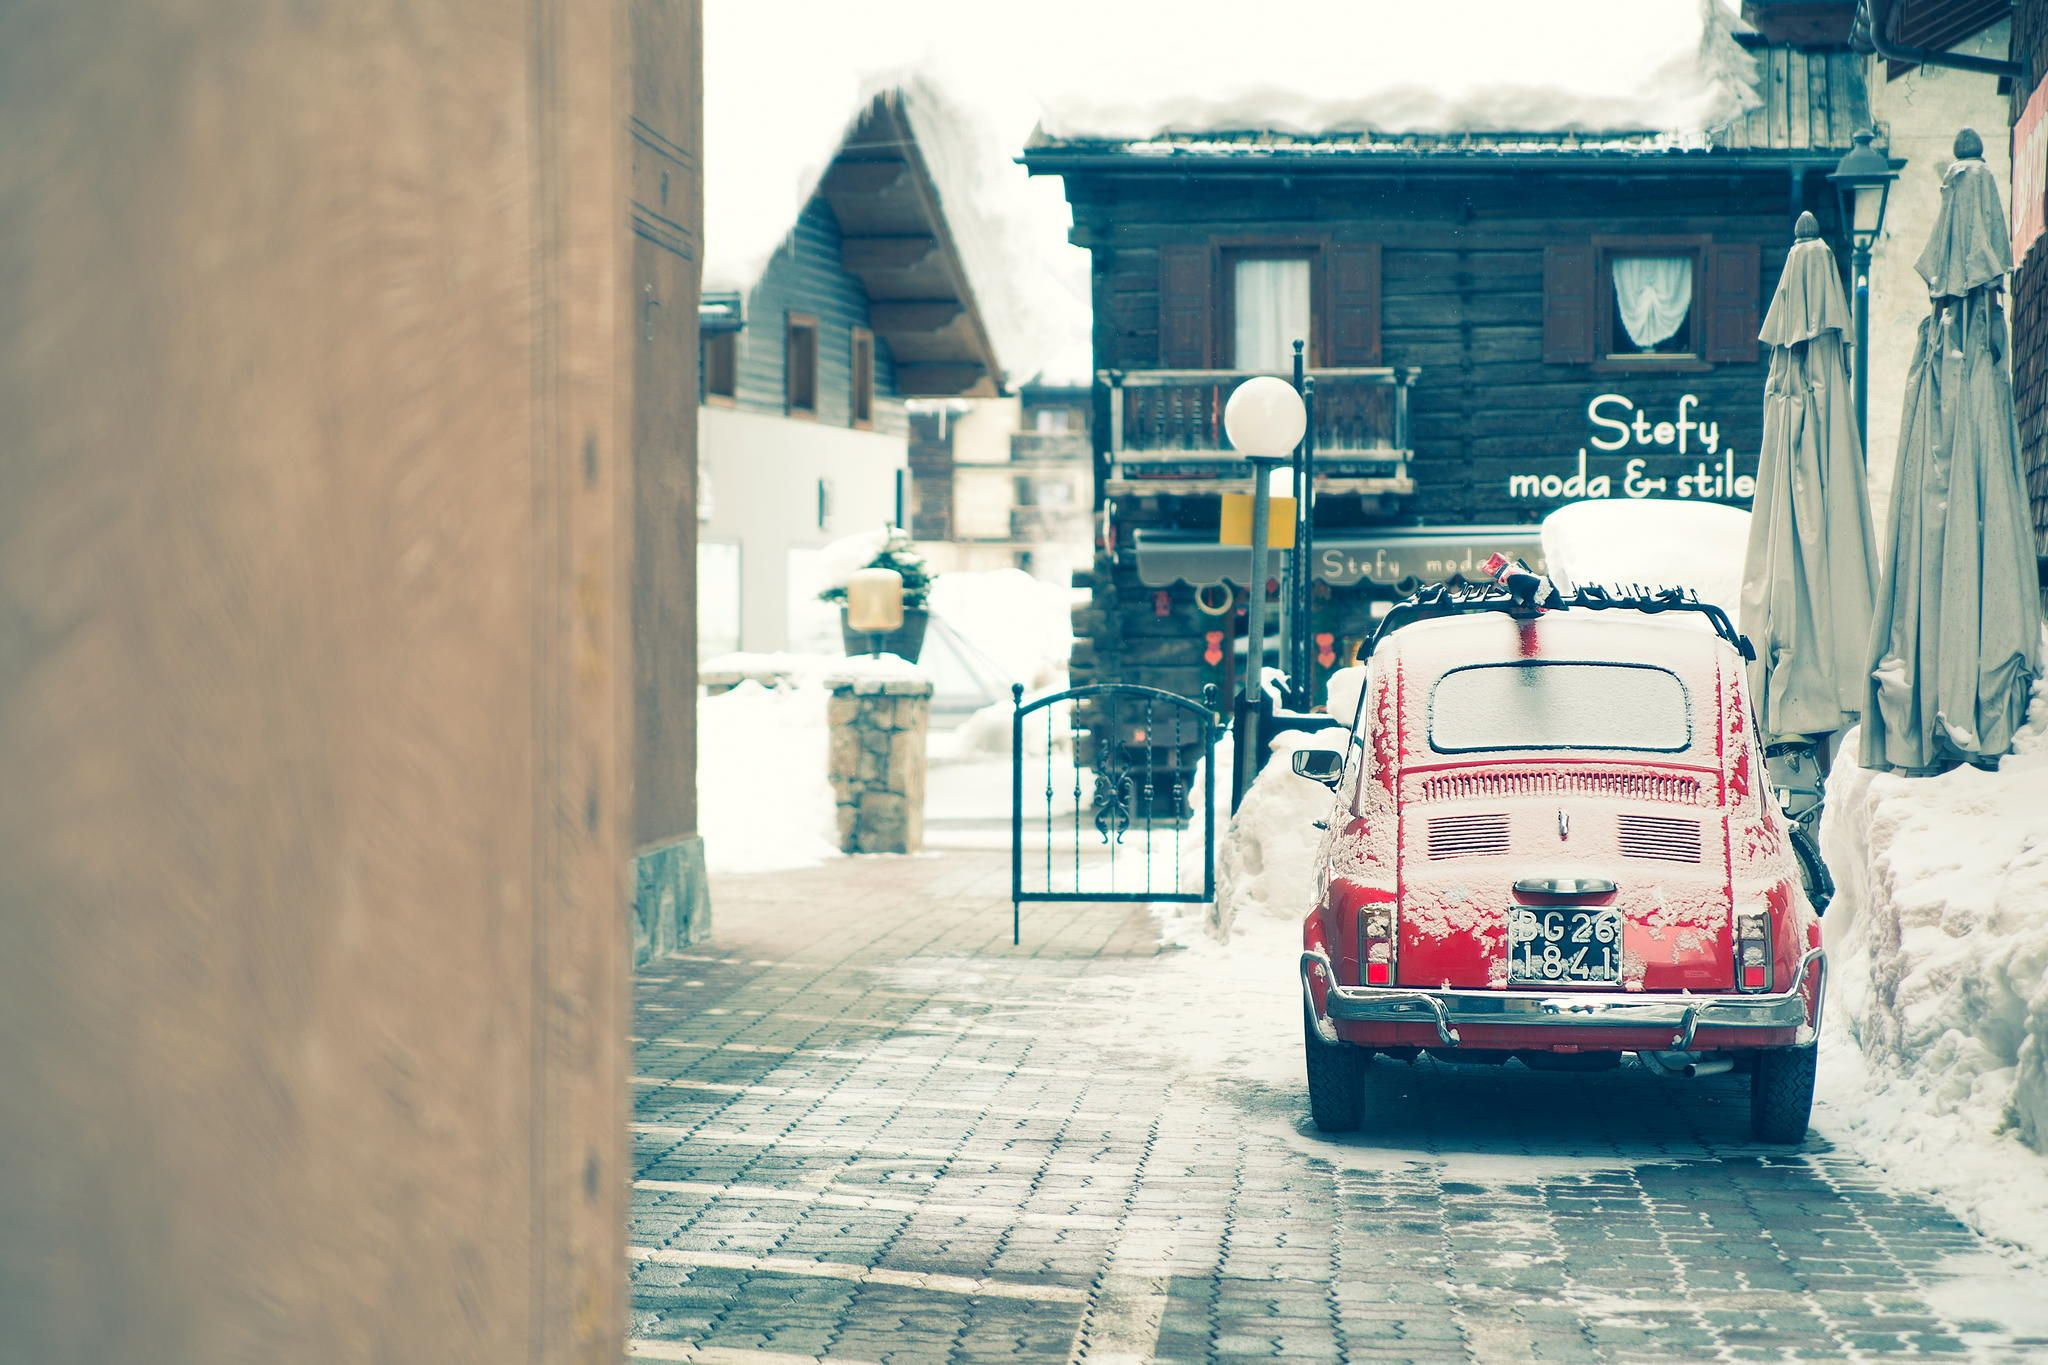 fiat 500 old and ski - Maserati Q4 Winter Tour è passato da Livigno, ma una vecchia Fiat 500 con porta sci sul tettuccio fa sempre la sua gran bella figura...